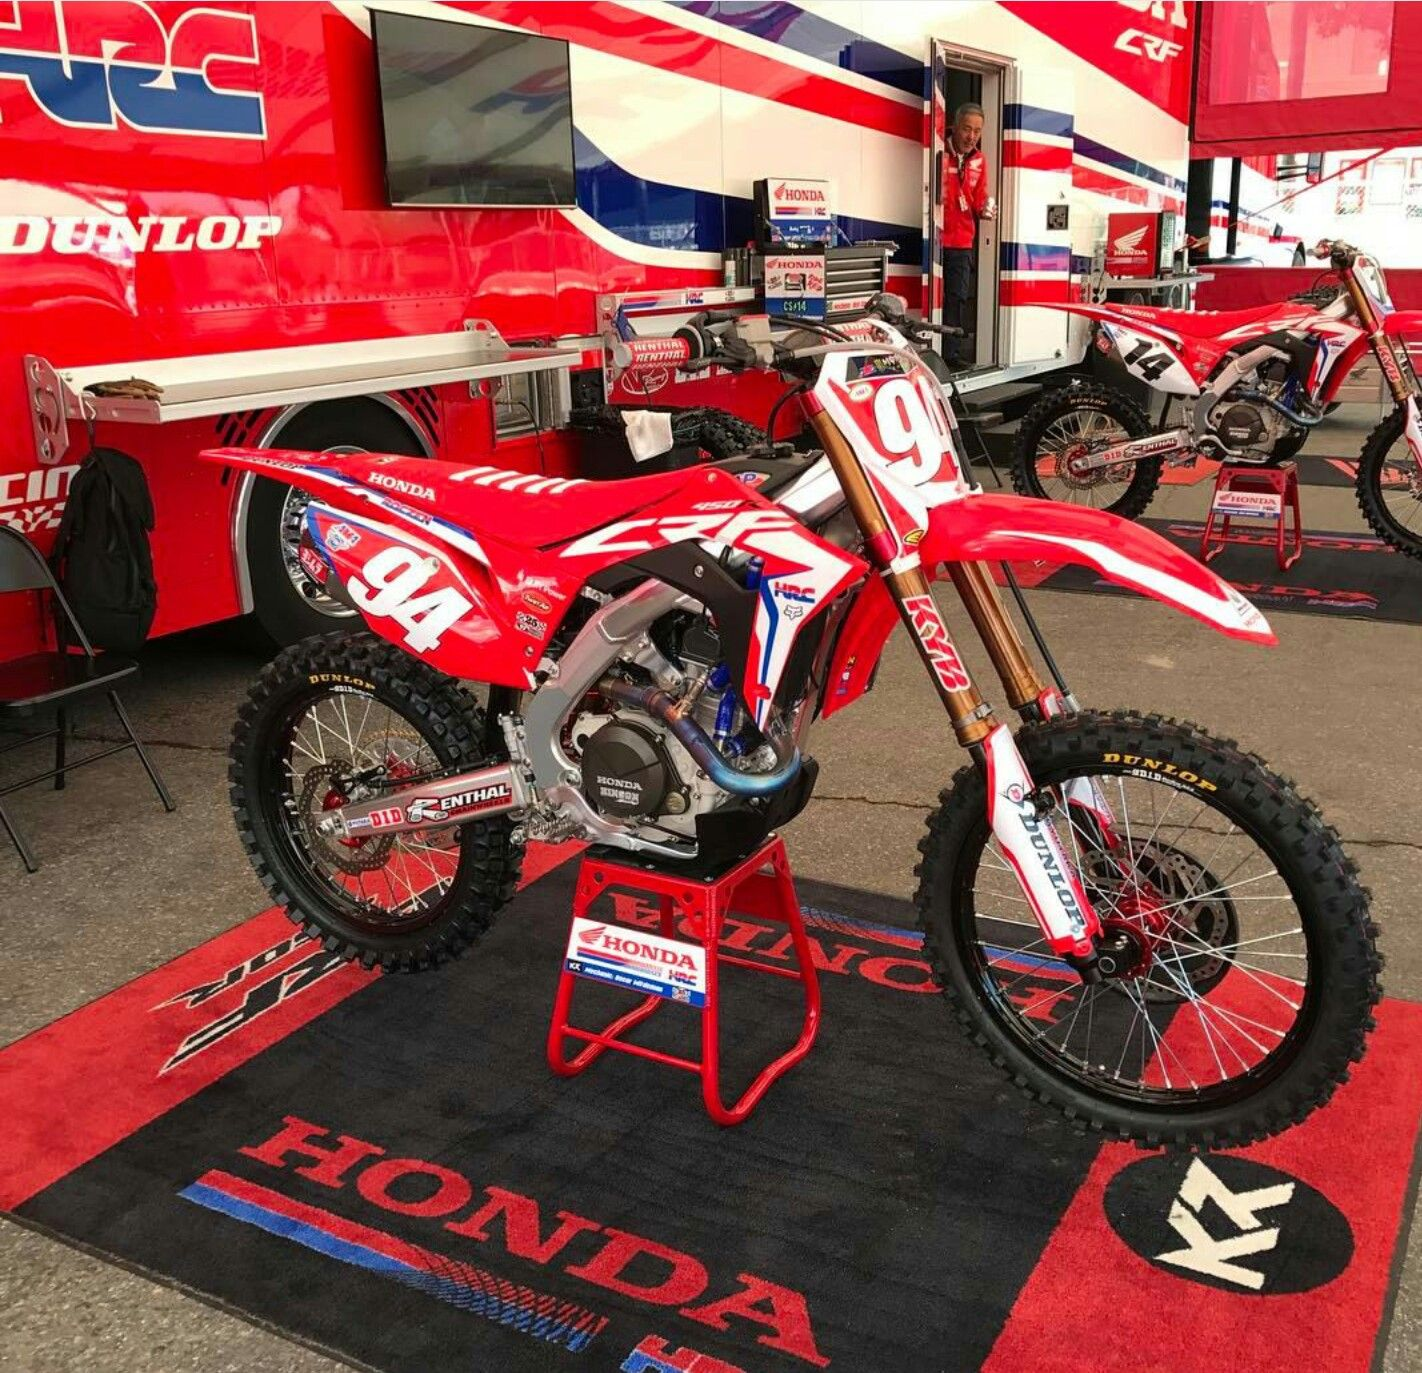 Ken Roczen Crf450r Honda Dirt Bike Dirt Bikes Bike Freestyle